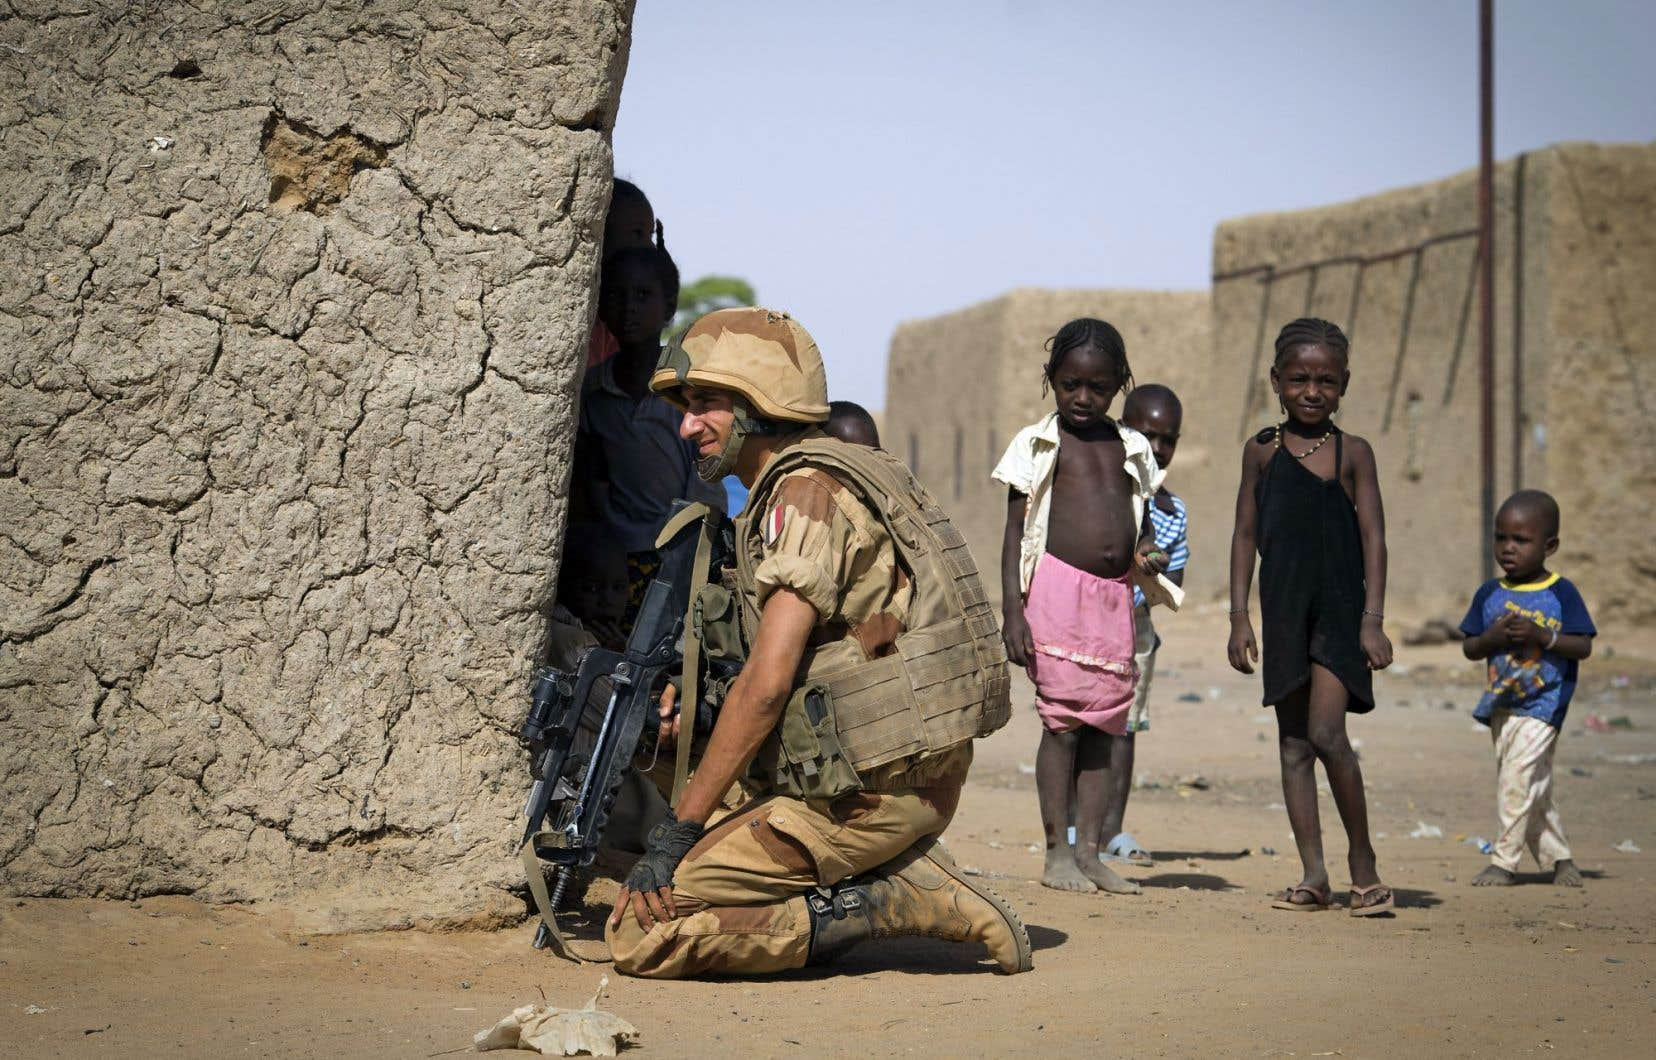 Des enfants surveillent un soldat français à Gao, au Mali, en avril 2005. Dans ce conflit, plusieurs enfants-soldats ont été utilisés par les djihadistes.